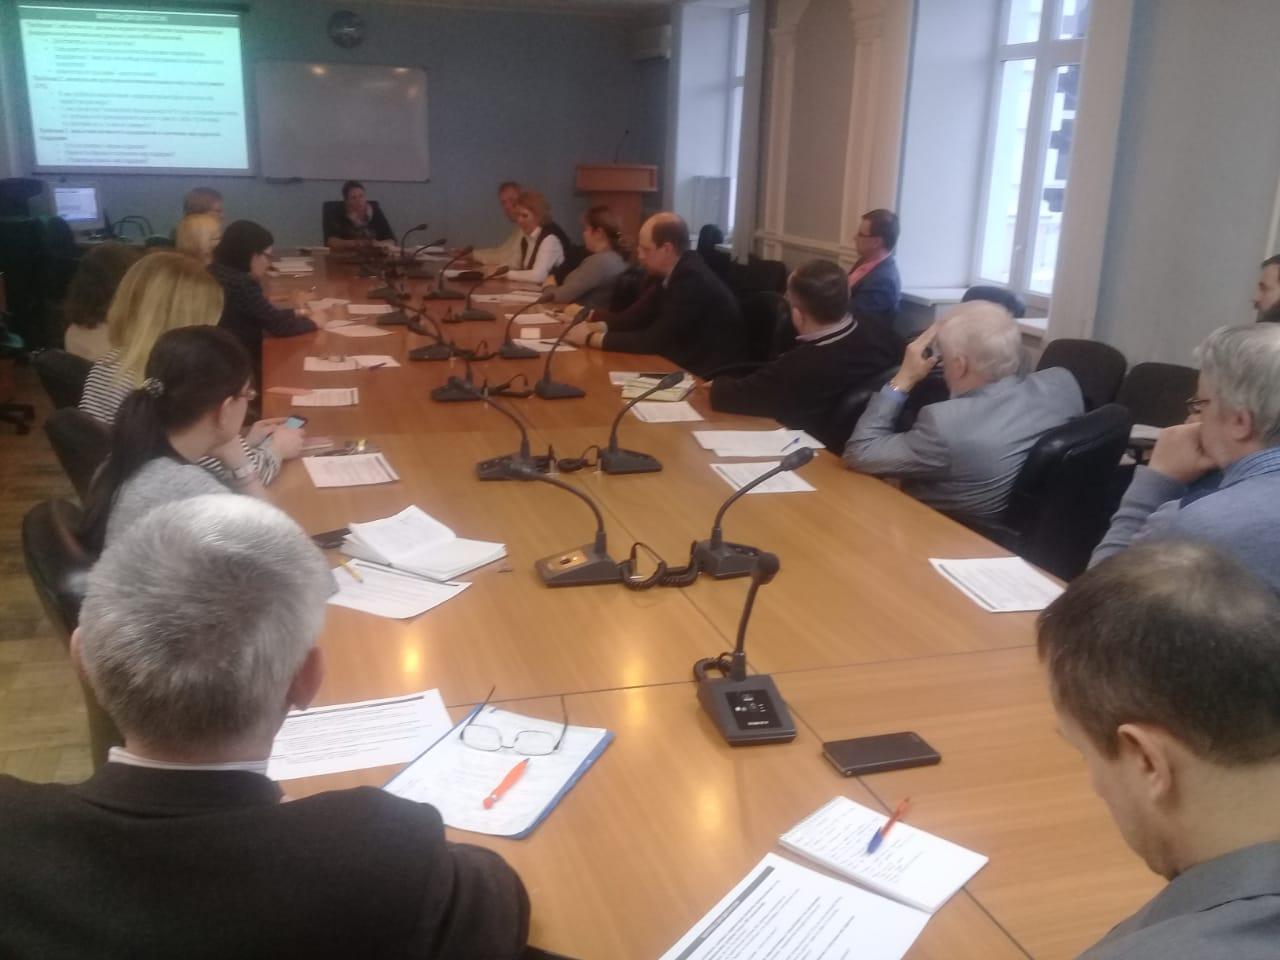 В Институте экономики УрО РАН состоялся научный семинар «Индикативный подход к развитию промышленности: методология формирования и реализации»